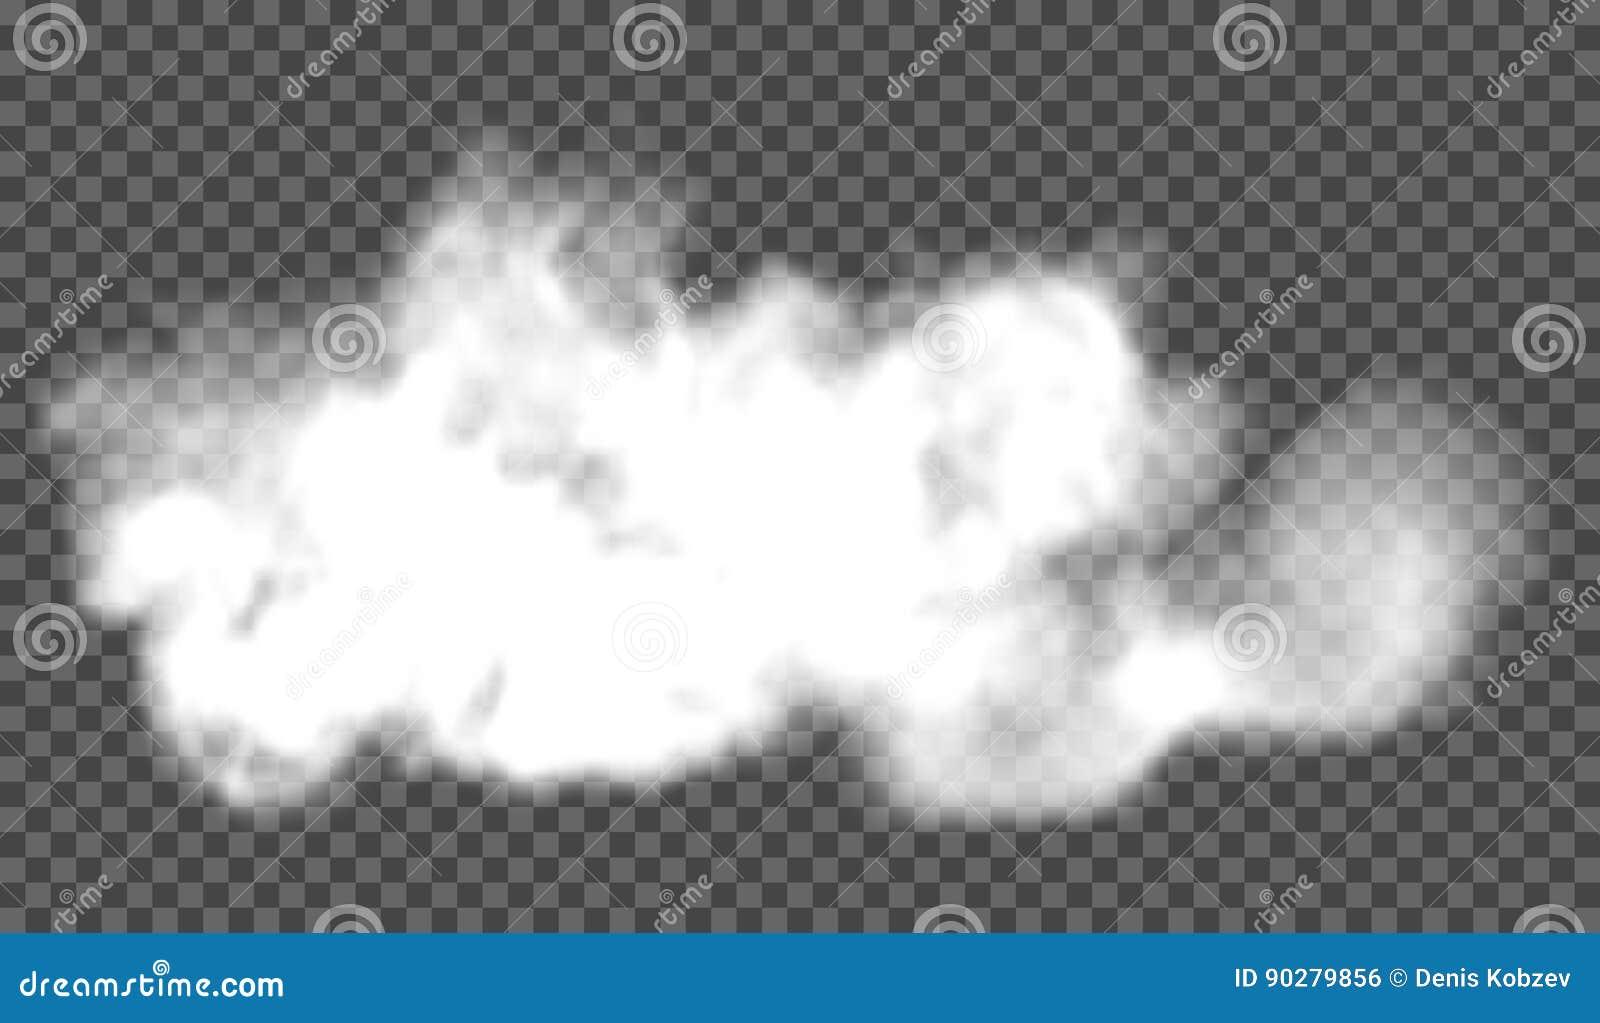 EPS 10 Efecto especial transparente de la niebla o del humo Nubosidad blanca del vector, niebla o fondo de la niebla con humo Ilu